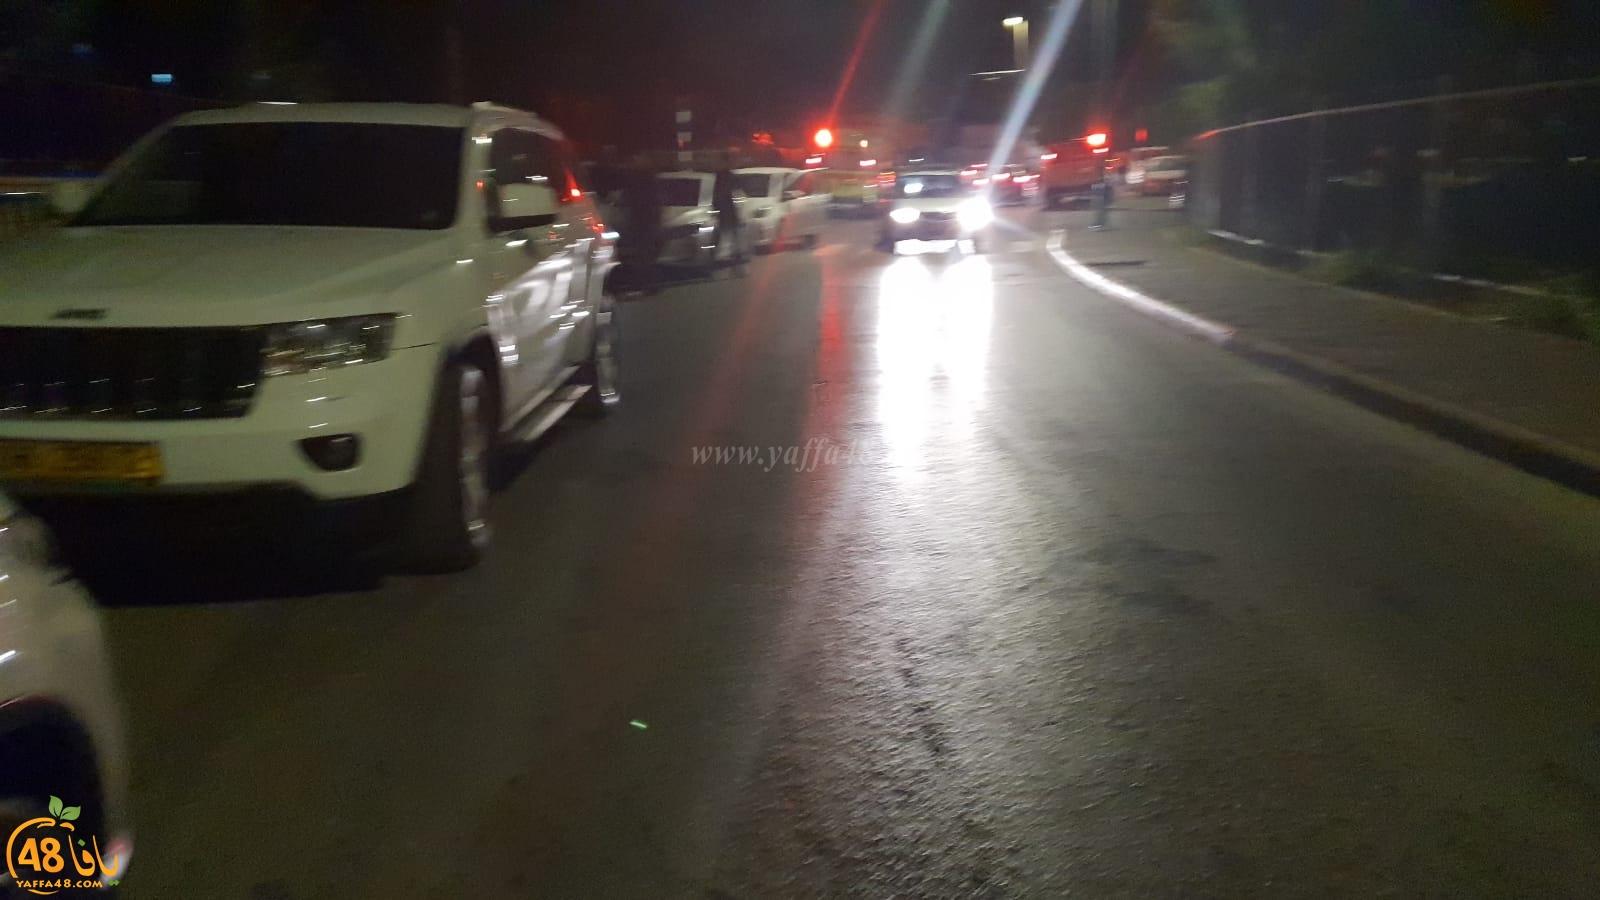 بالصور: إطلاق نار في اللد والشرطة تنشر حواجزها في المدينة